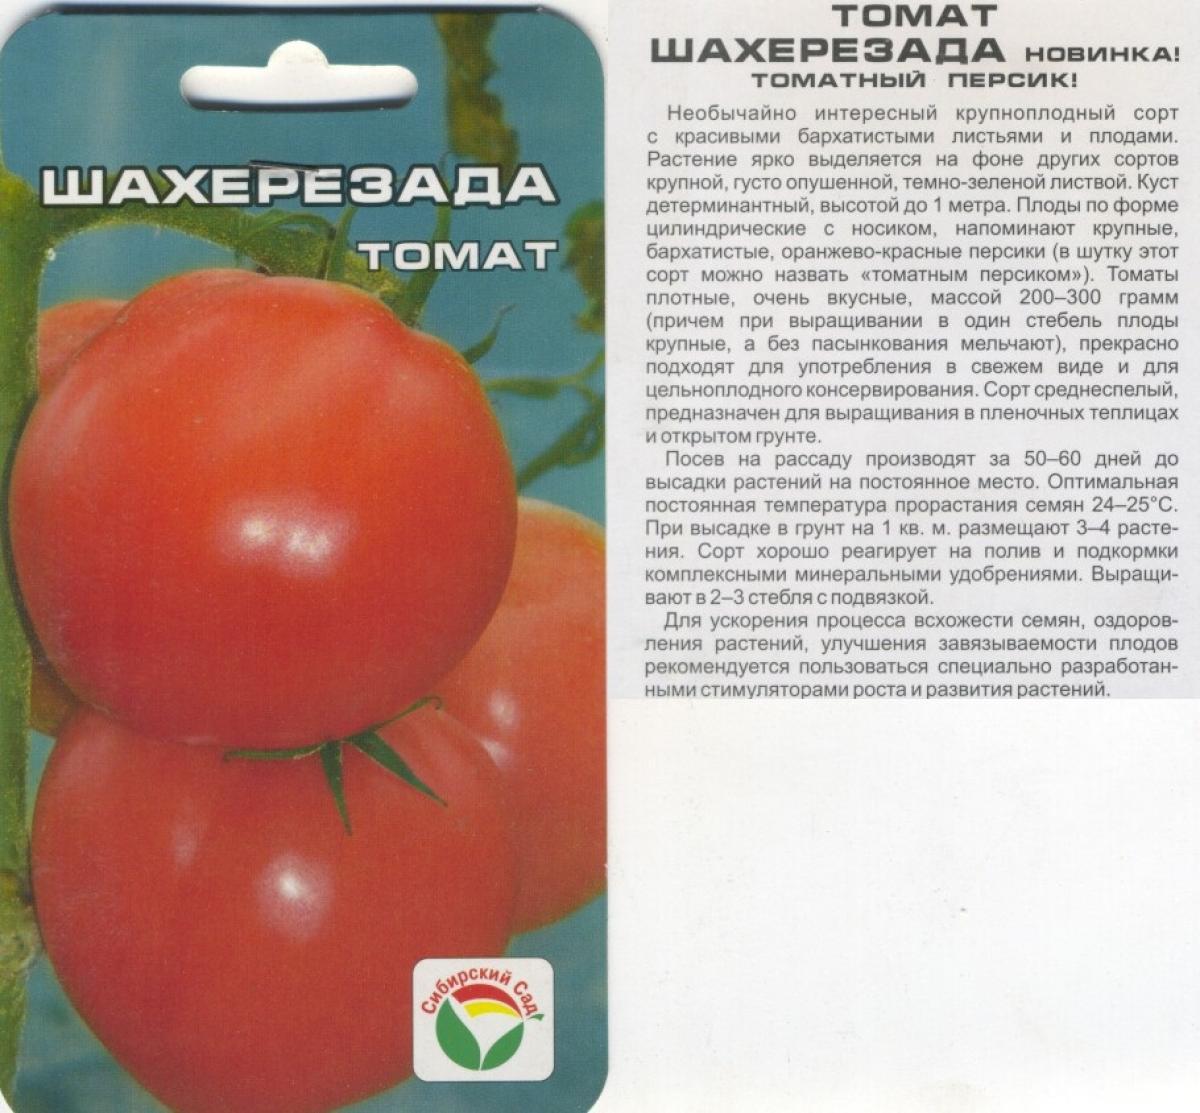 Выбираем лучшие сорта помидоров для огорода по фото и описанию